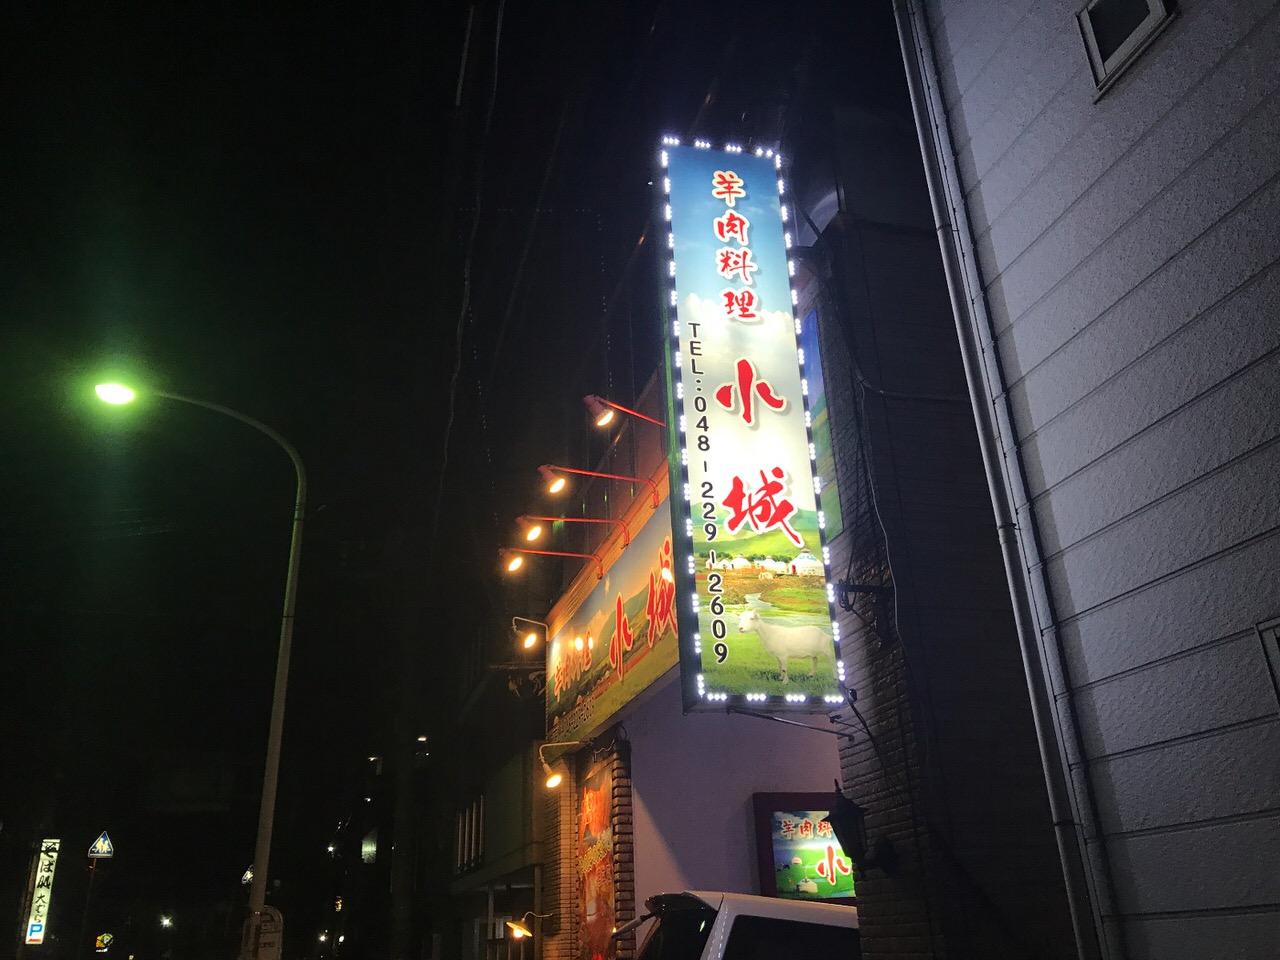 西川口 小城 0205195531